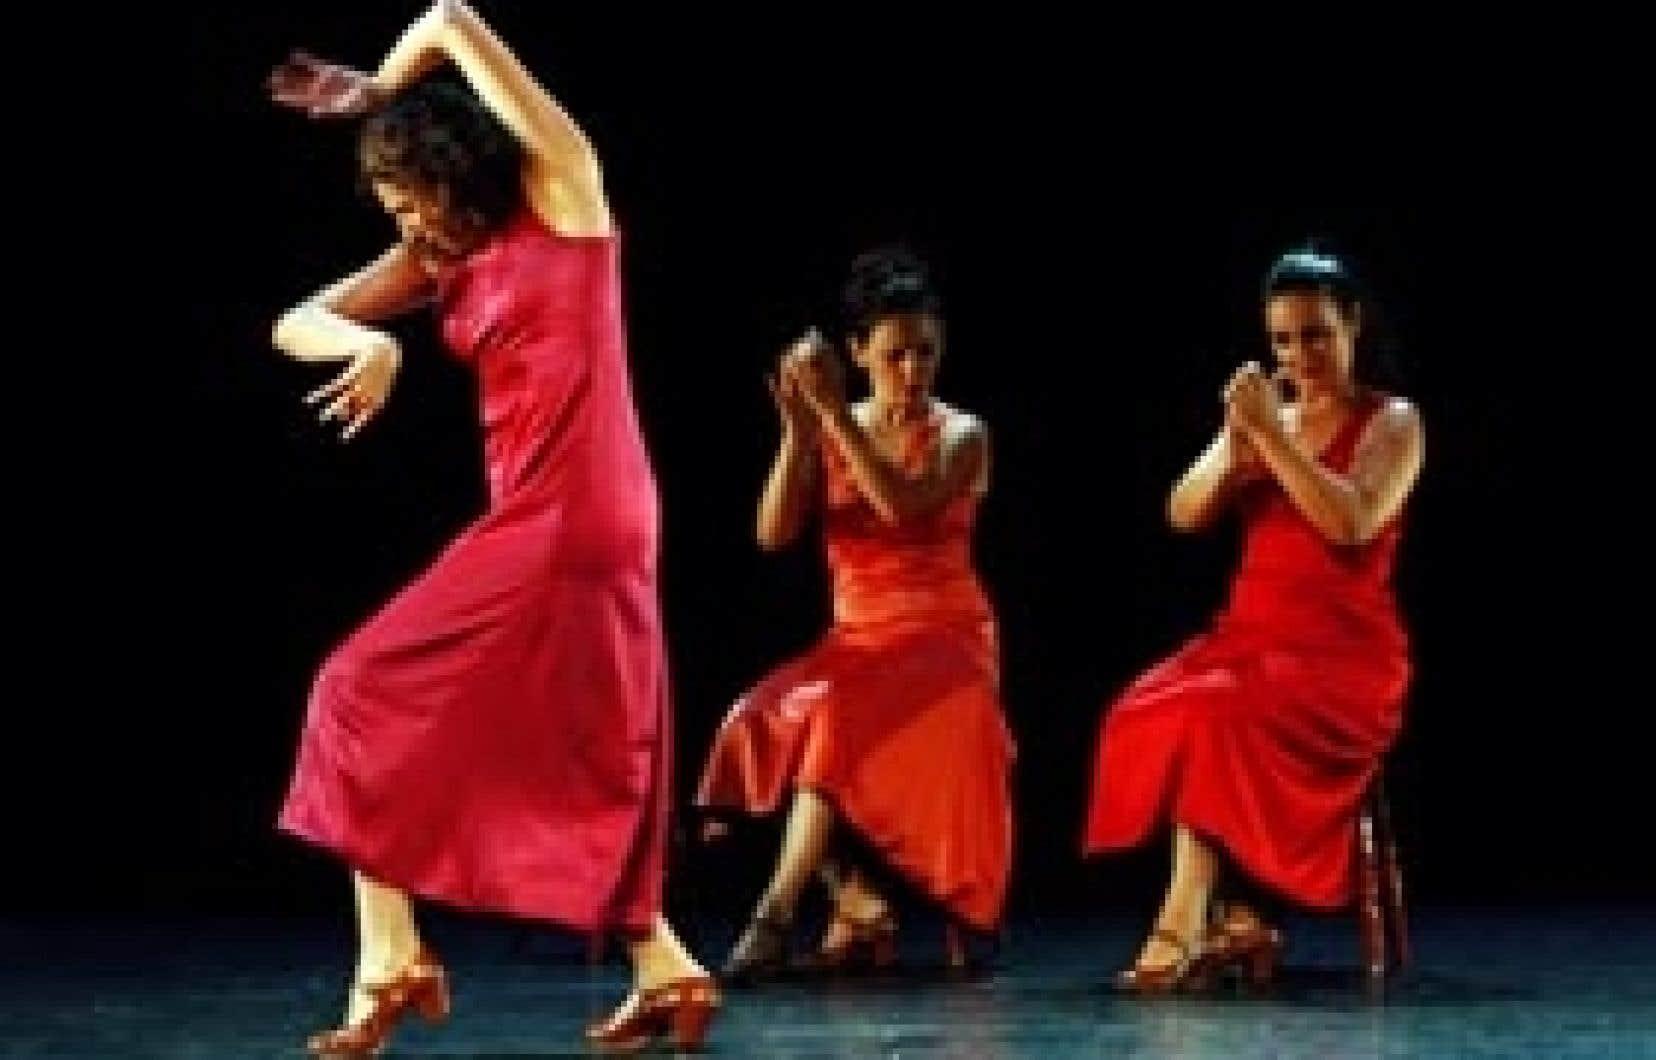 Les spectacles de danse affichent des déficits abyssaux de plus de 26 000 $ par représentation, détaille l'étude.